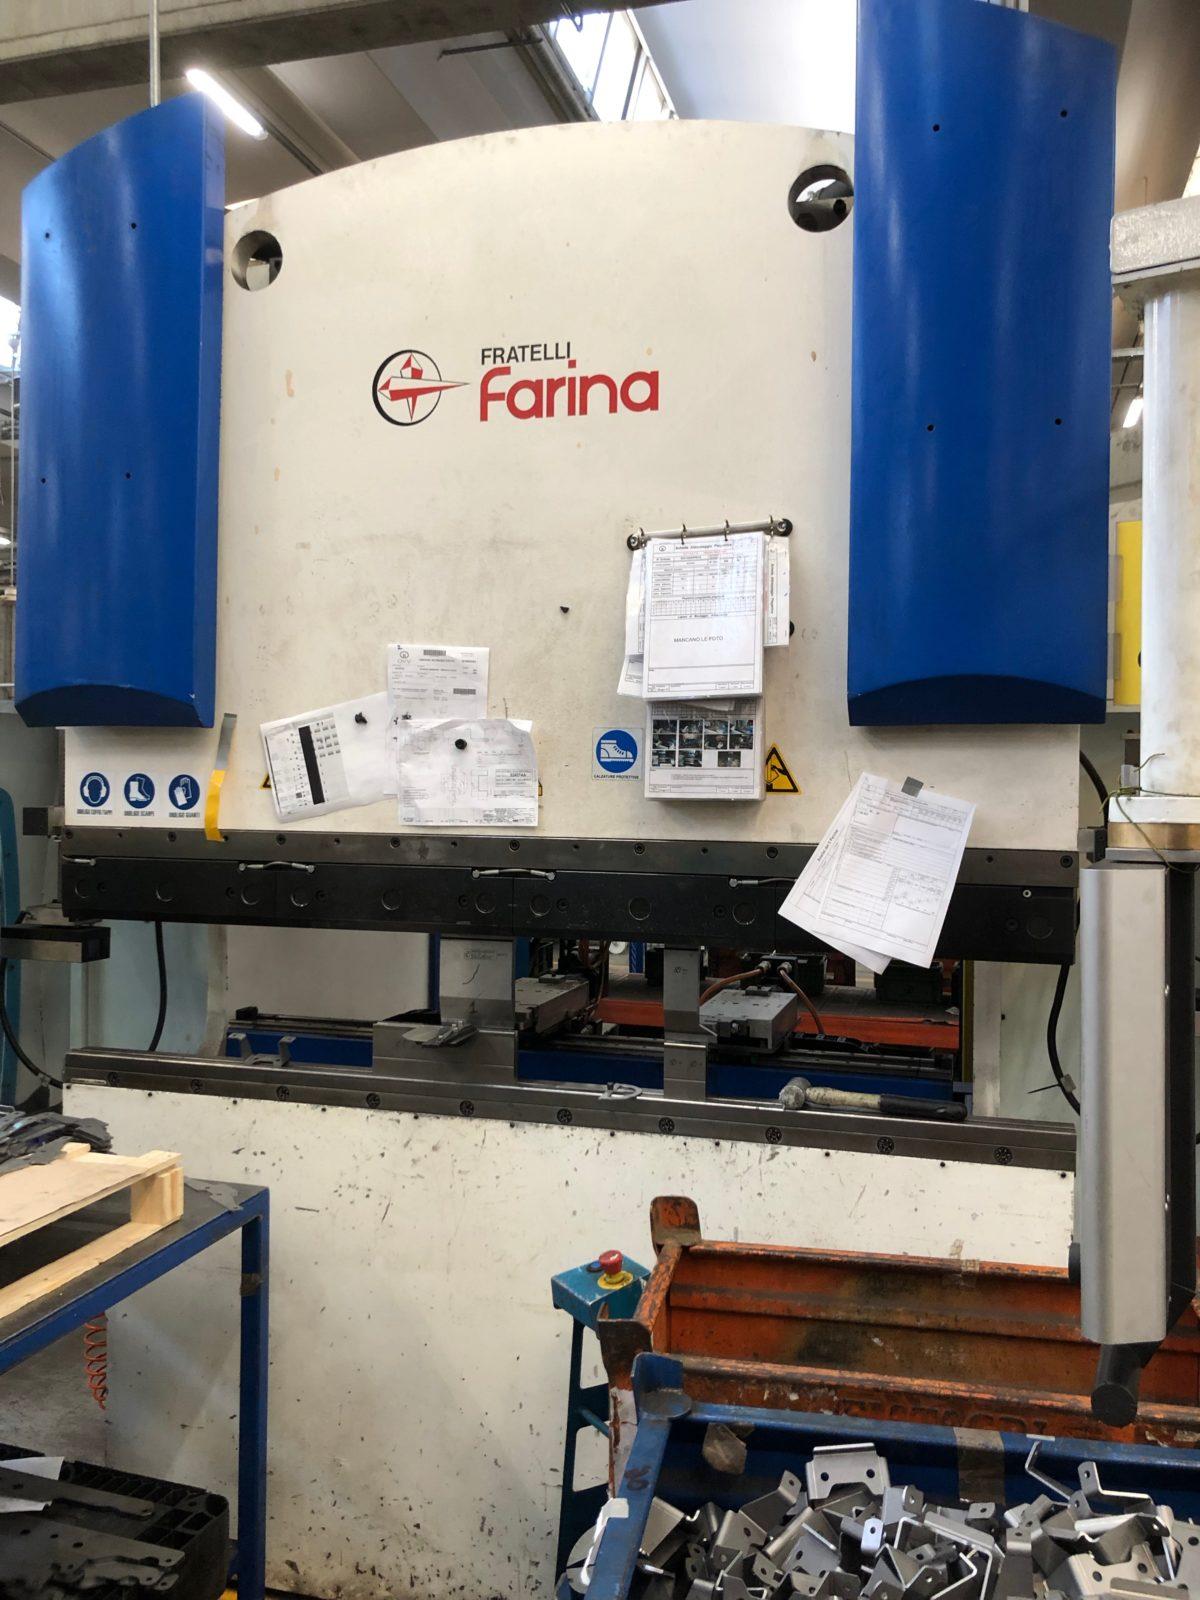 Press brake Farina 110 Ton x 2000 year 2013